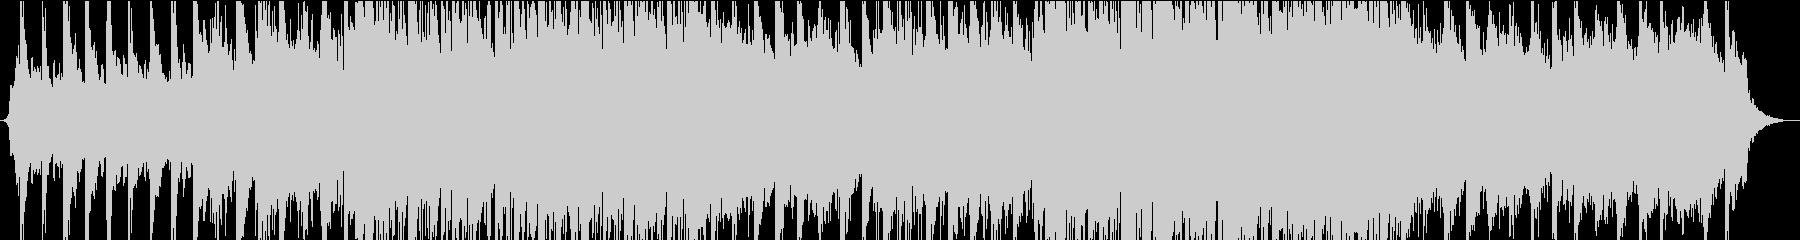 感動系でシンプルなピアノギターのバラードの未再生の波形